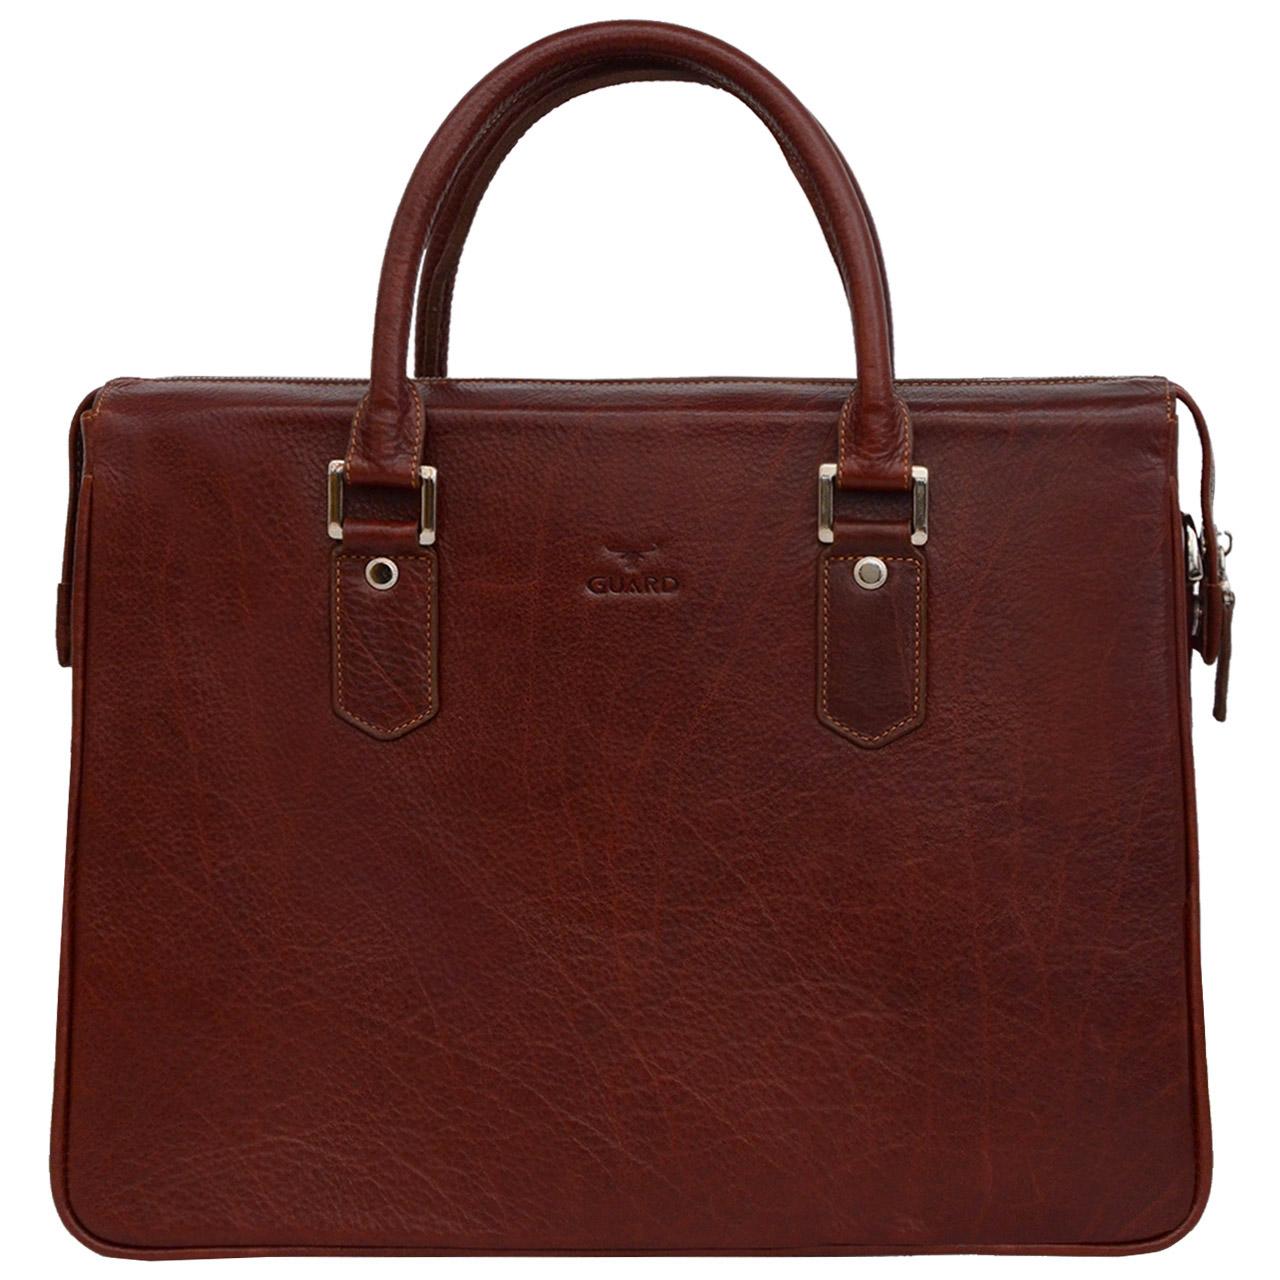 کیف دستی زنانه گارد مدل 1000026